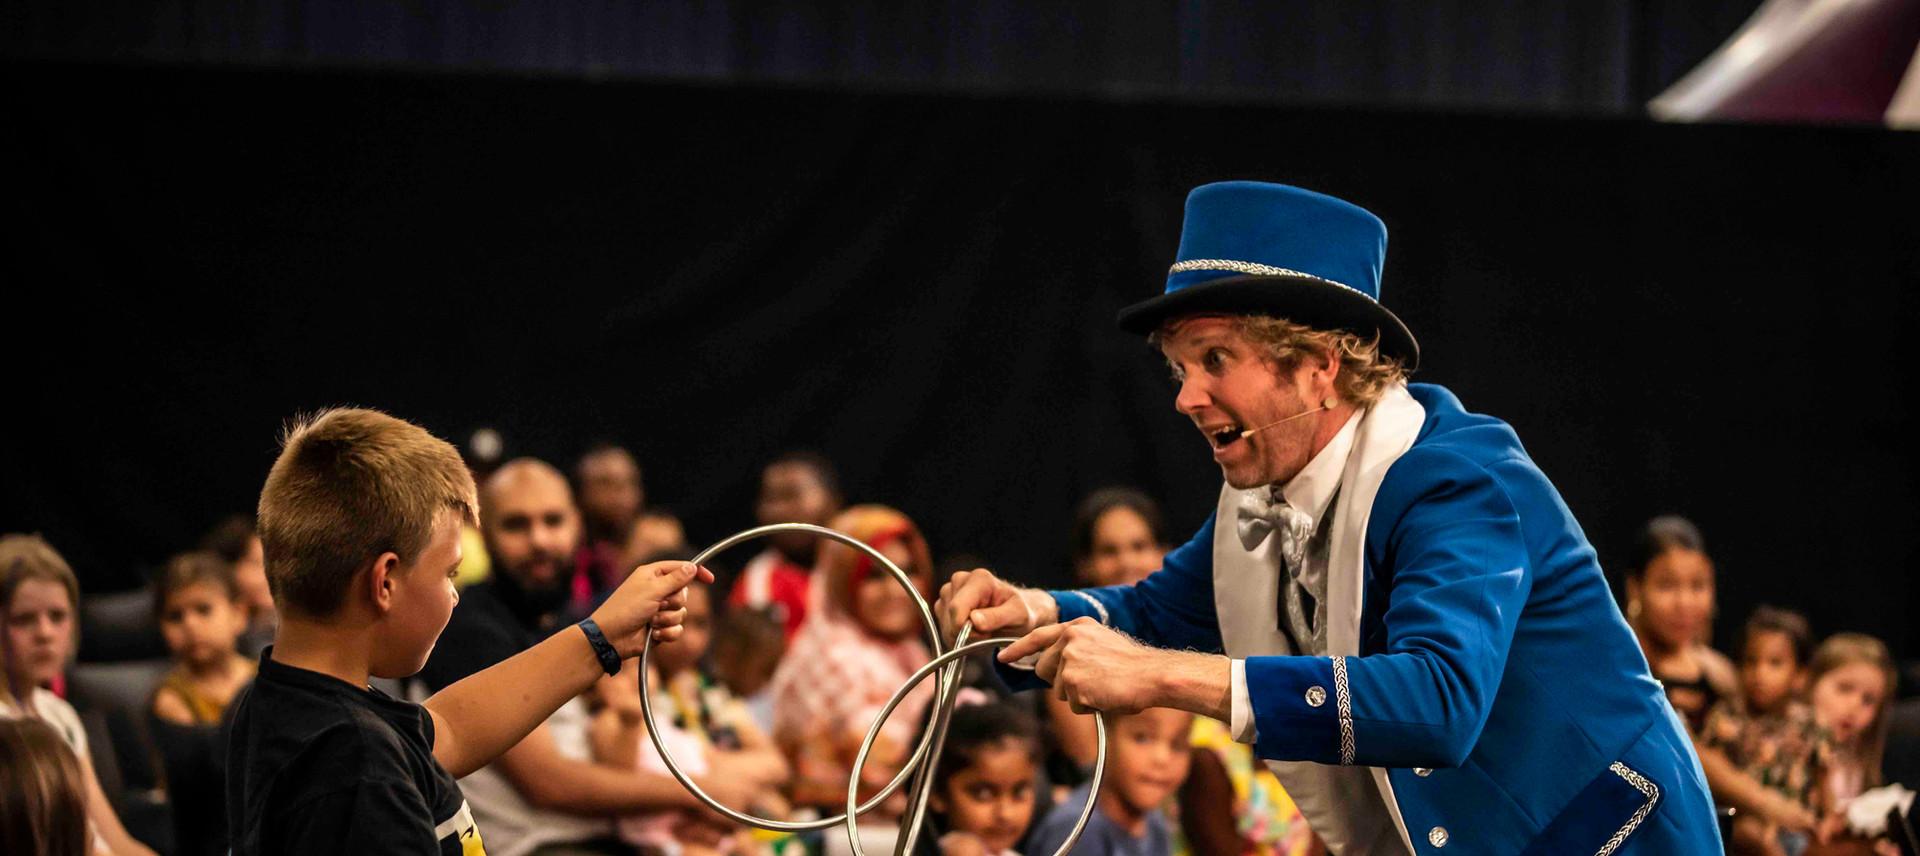 showman jovel goochelaar kinderen arties